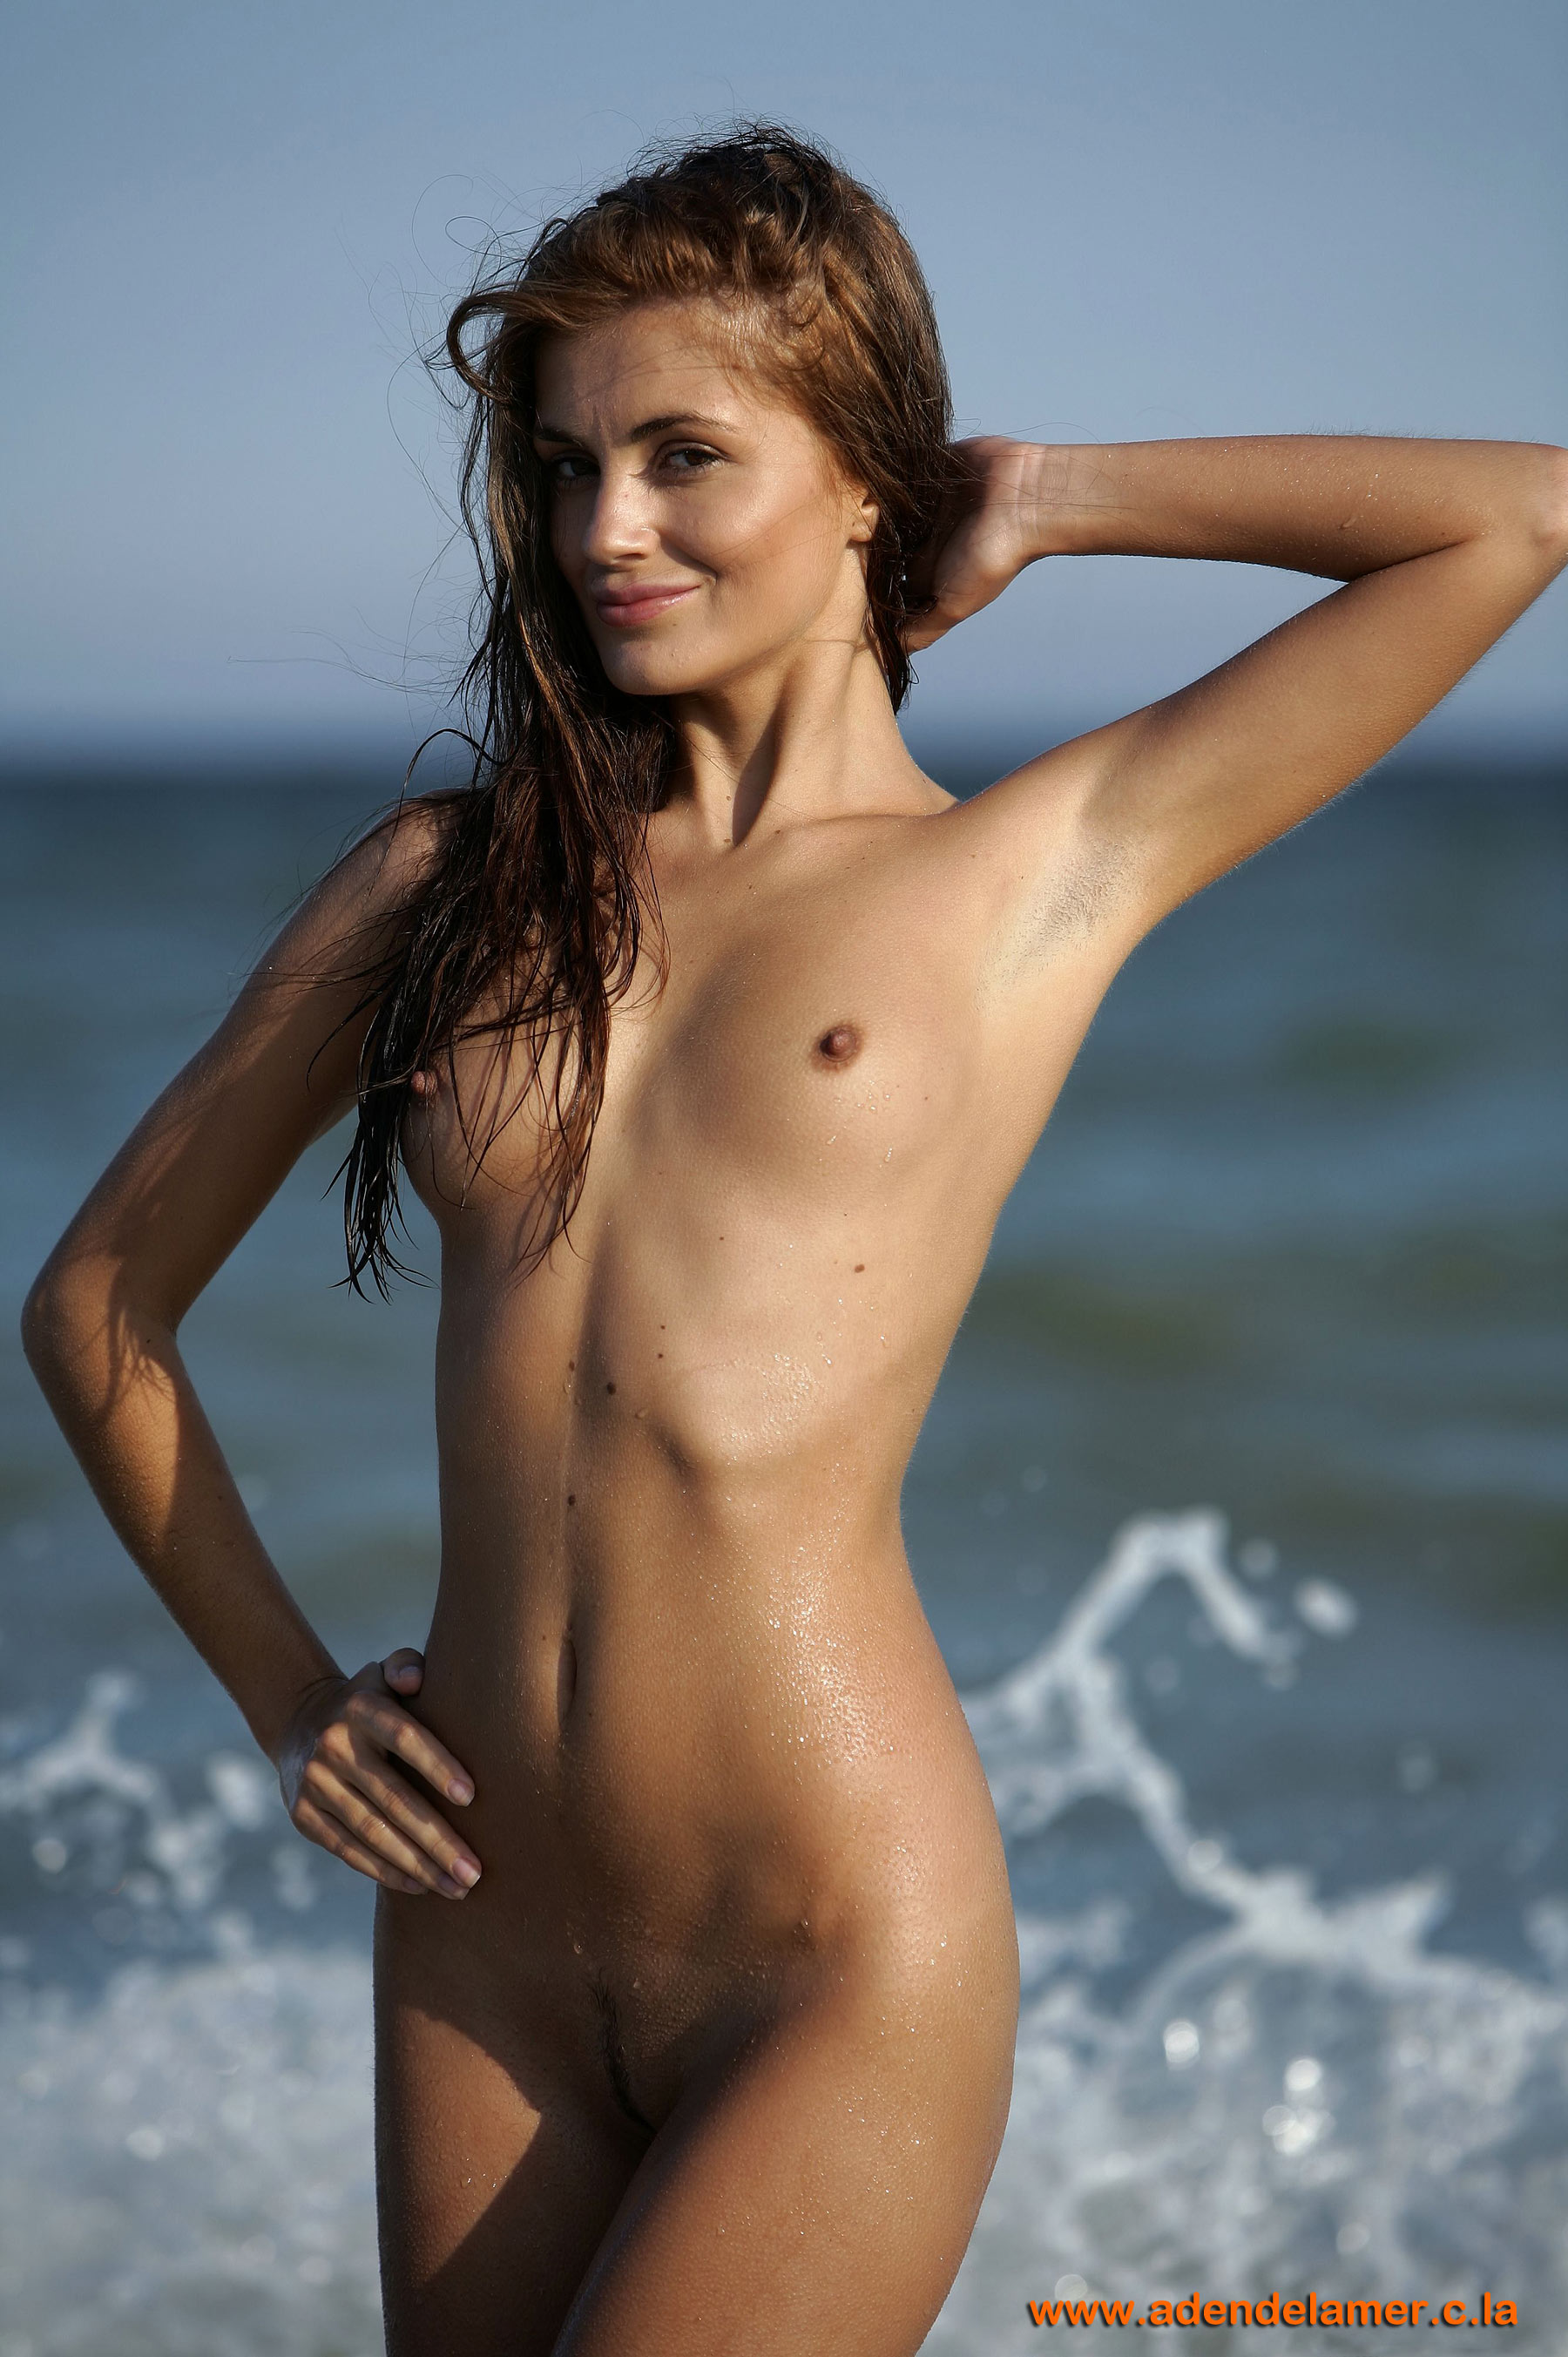 Стройная голая девушка 19 фотография